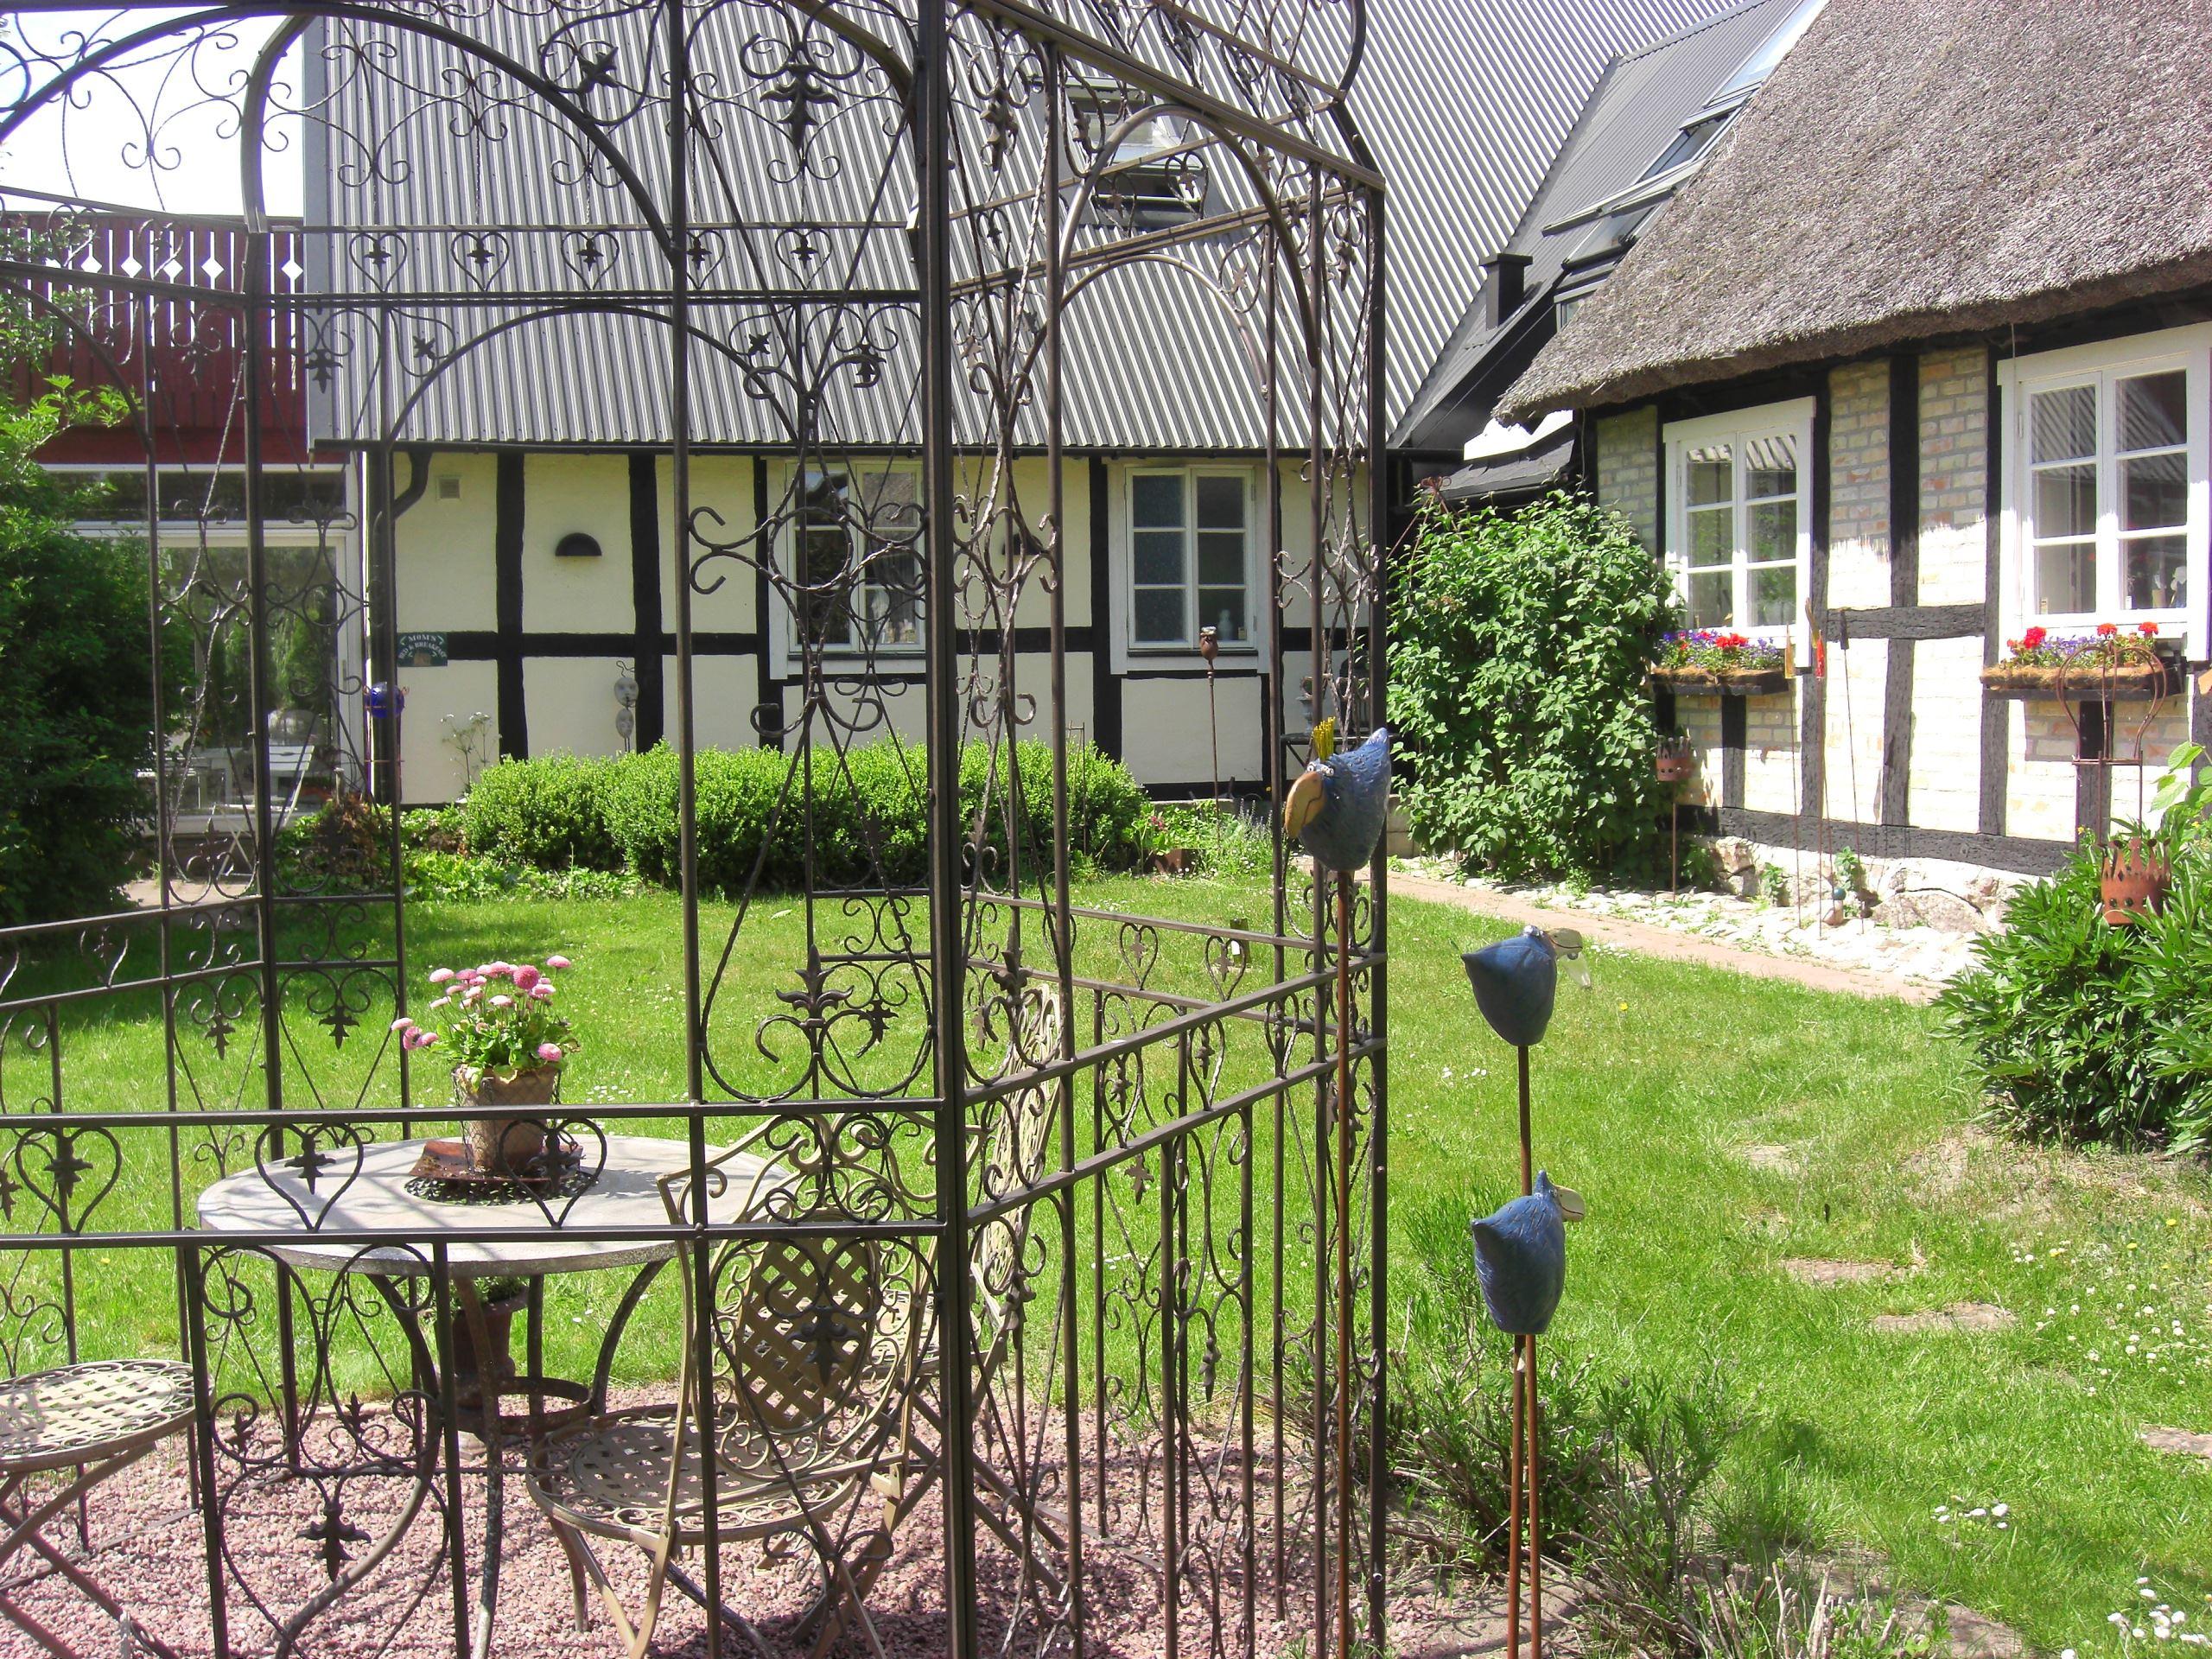 1700-talsgården Ängshyddan Gårdshotell